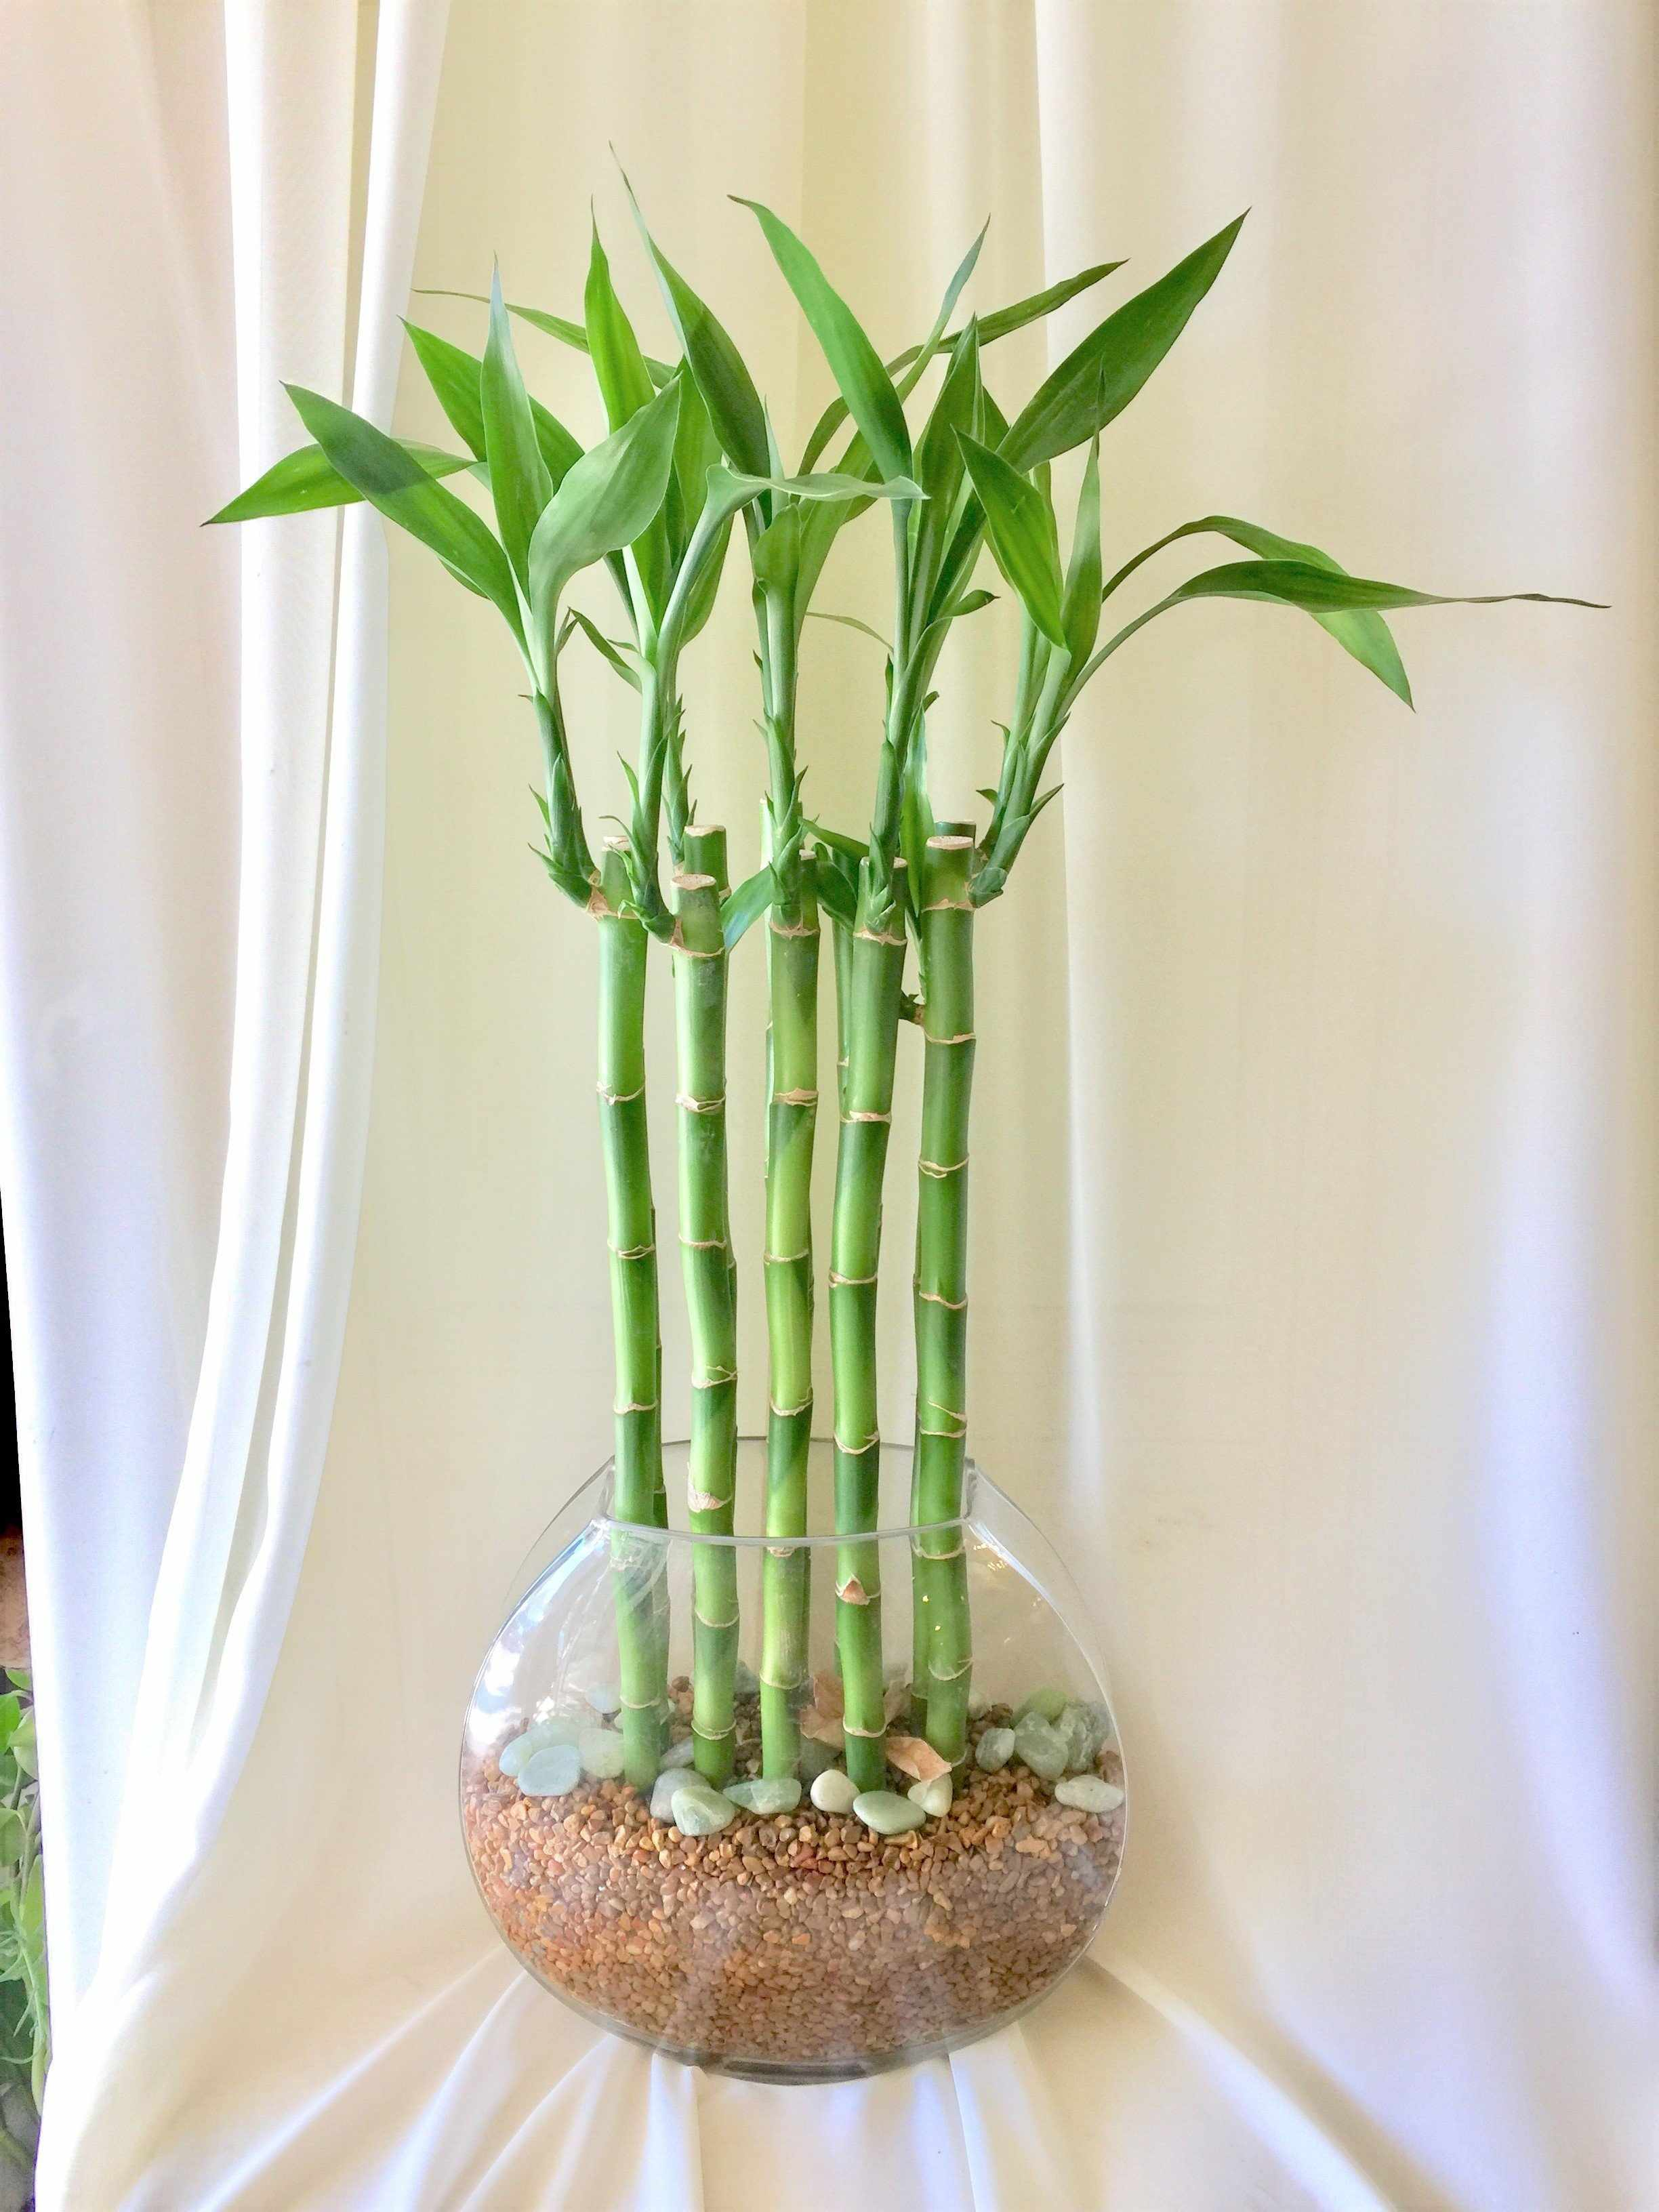 Стеклянная емкость с комнатным бамбуком